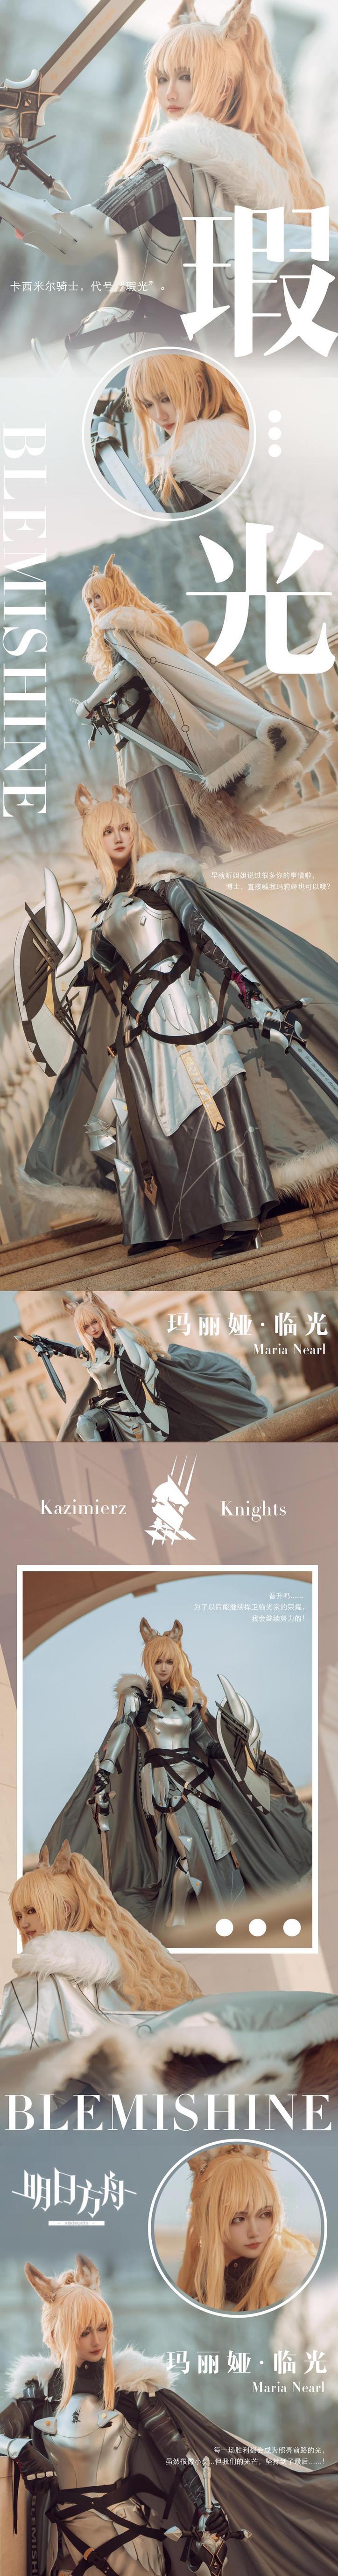 《明日方舟》正片cosplay【CN:伯约凉凉哒】-第1张